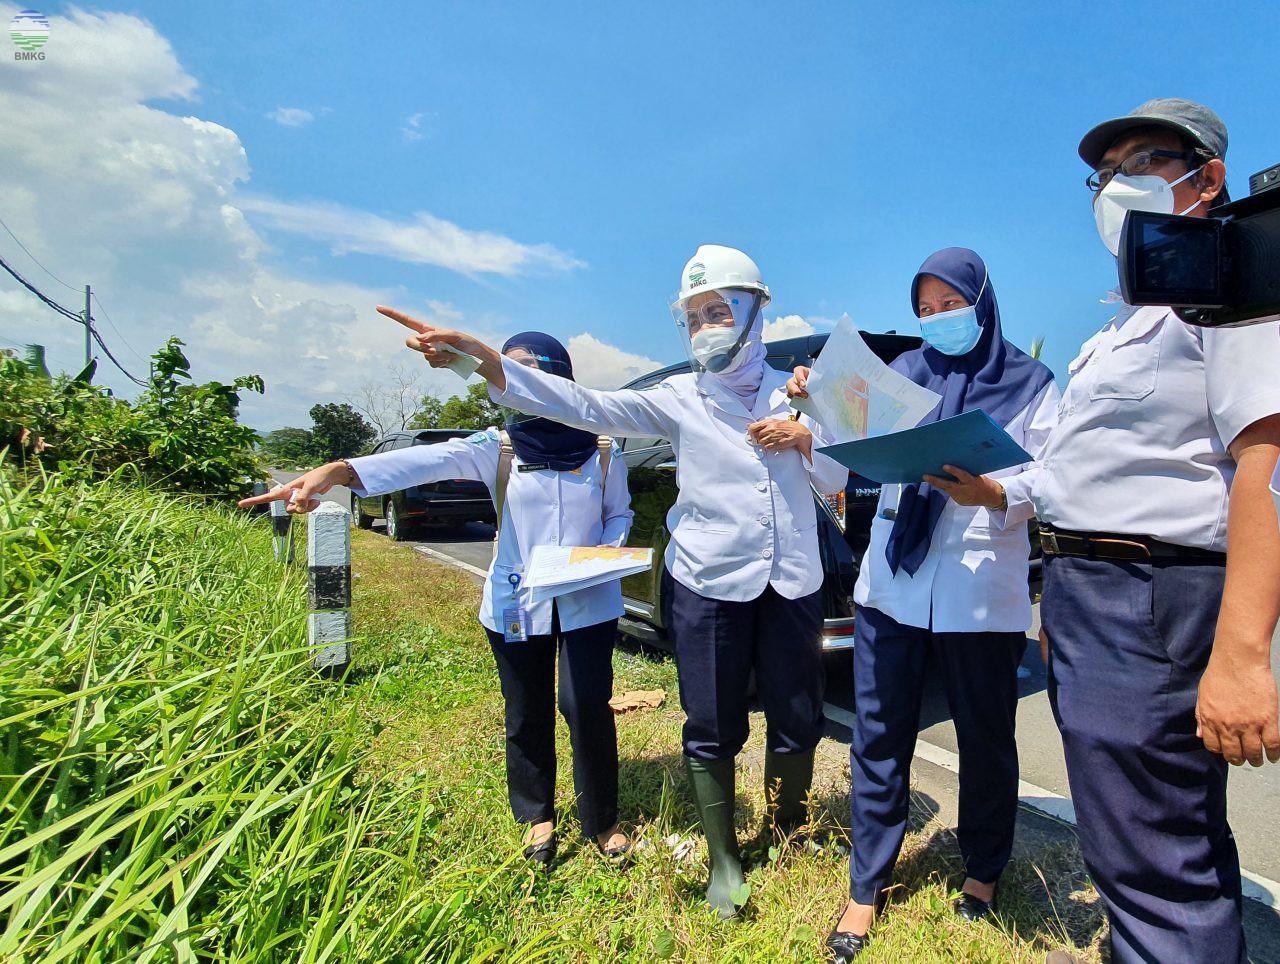 Tingkatkan Upaya Mitigasi Gempabumi dan Tsunami, Kepala BMKG Lakukan Verifikasi Peta Rawan Bencana di Kulon Progo